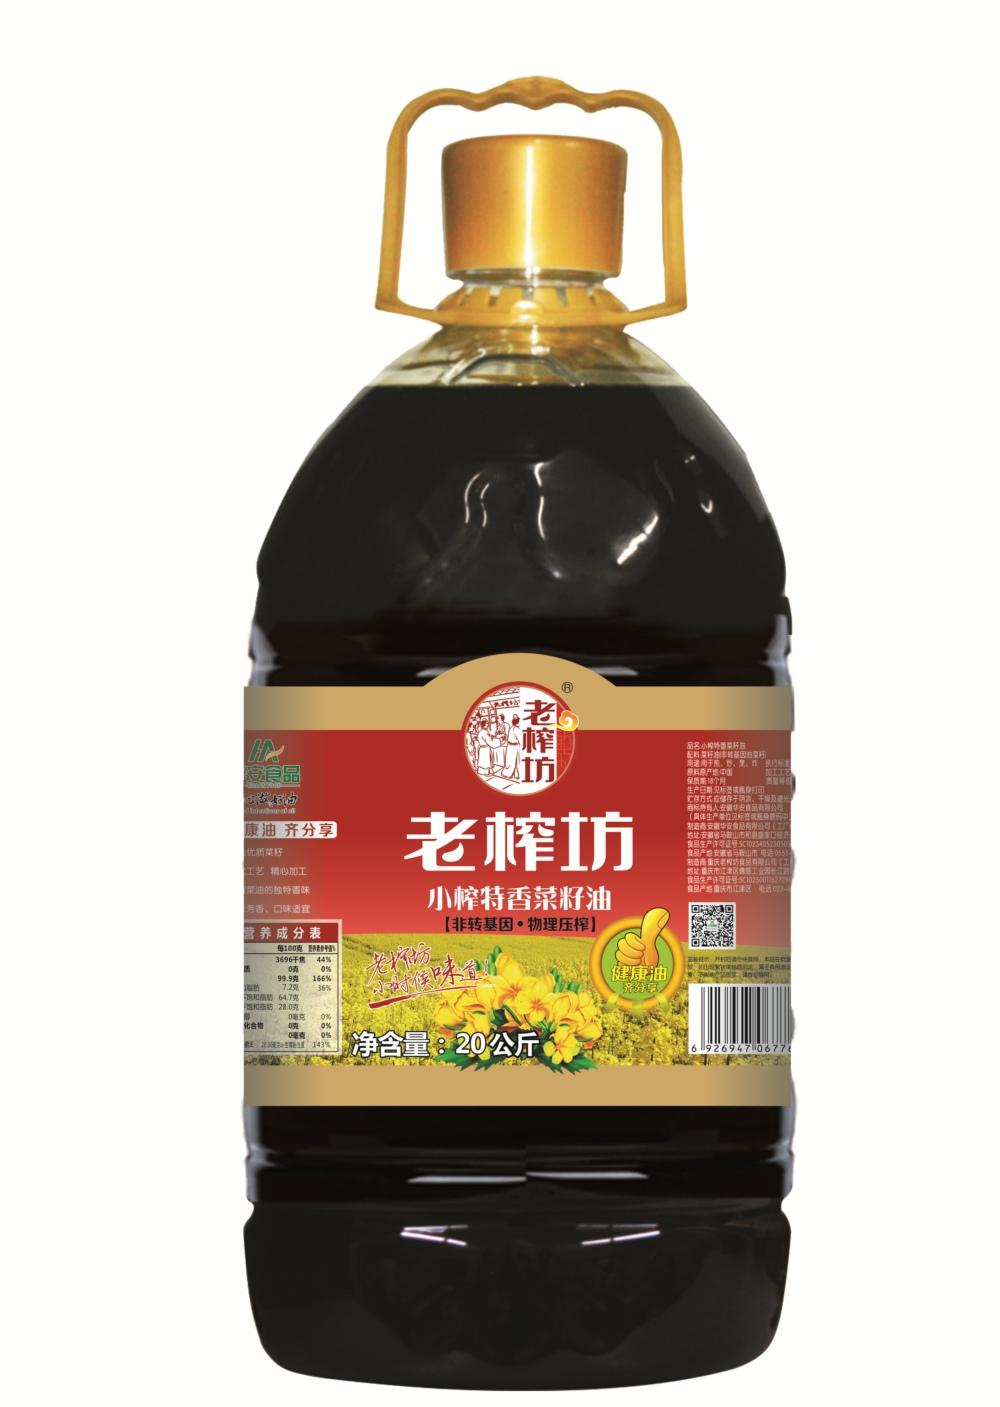 老榨坊小榨特香菜籽油20公斤